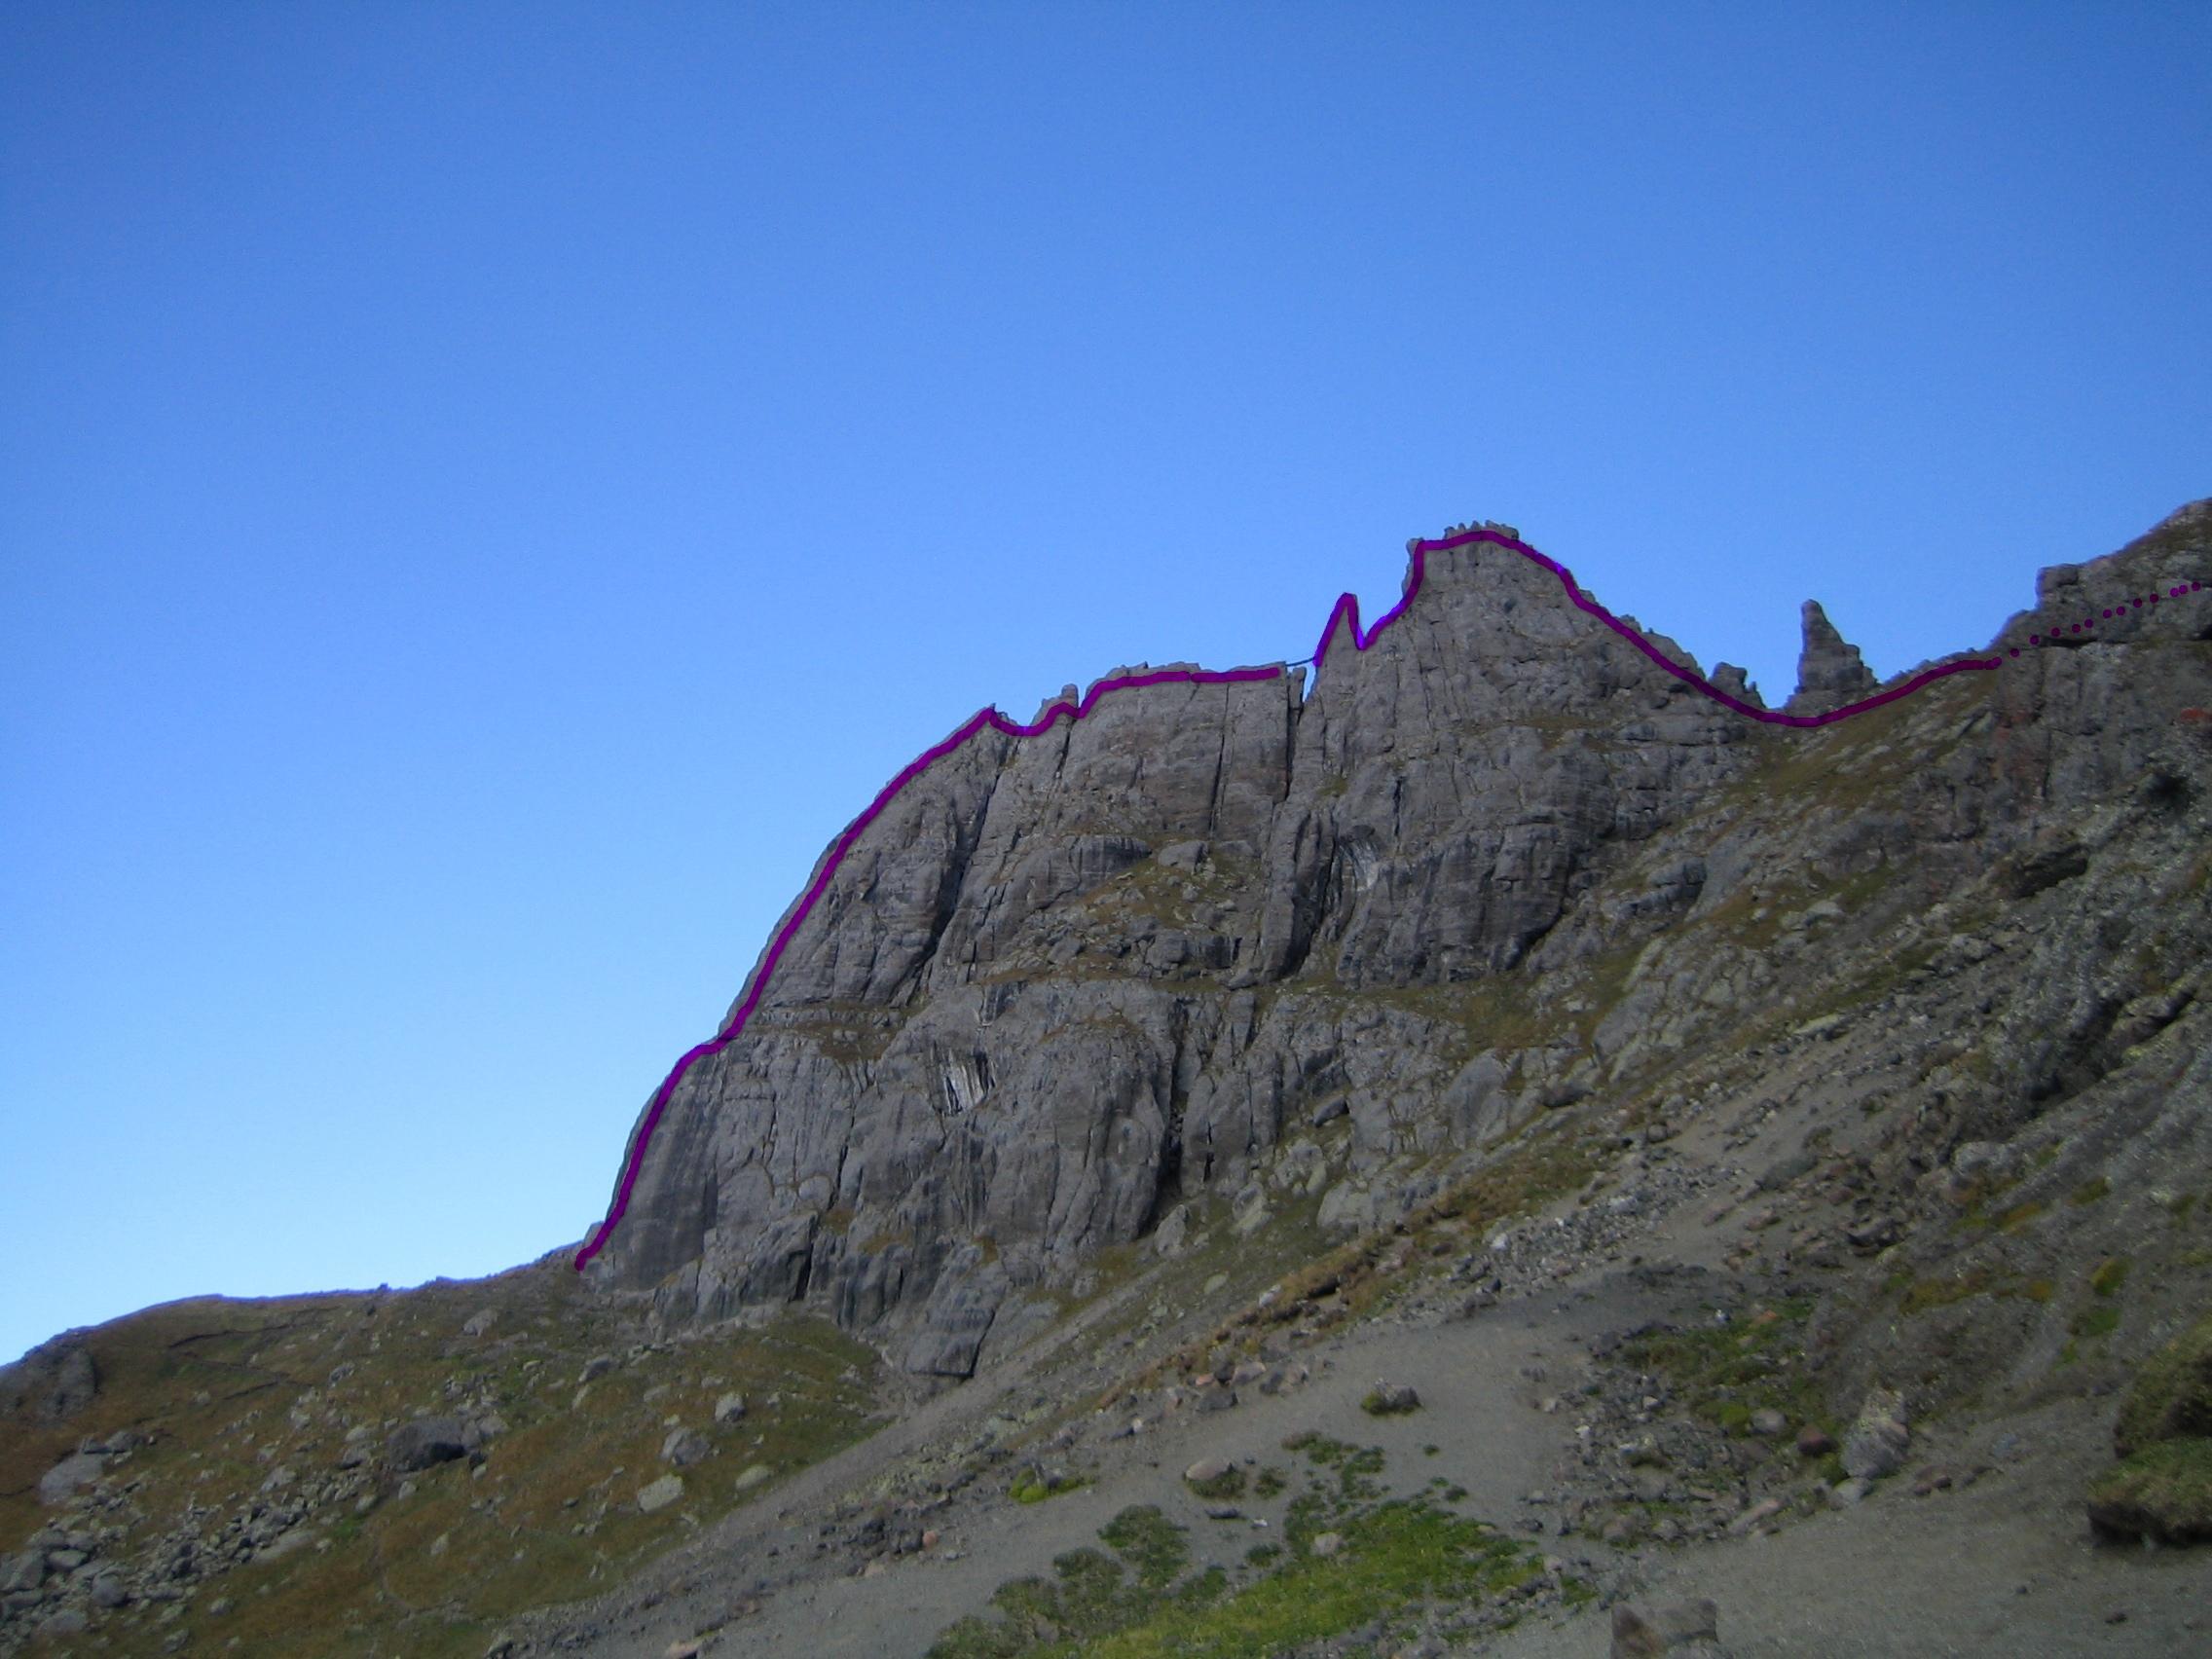 Klettersteig Via Ferrata : Klettersteig via ferrata in the zugspitz